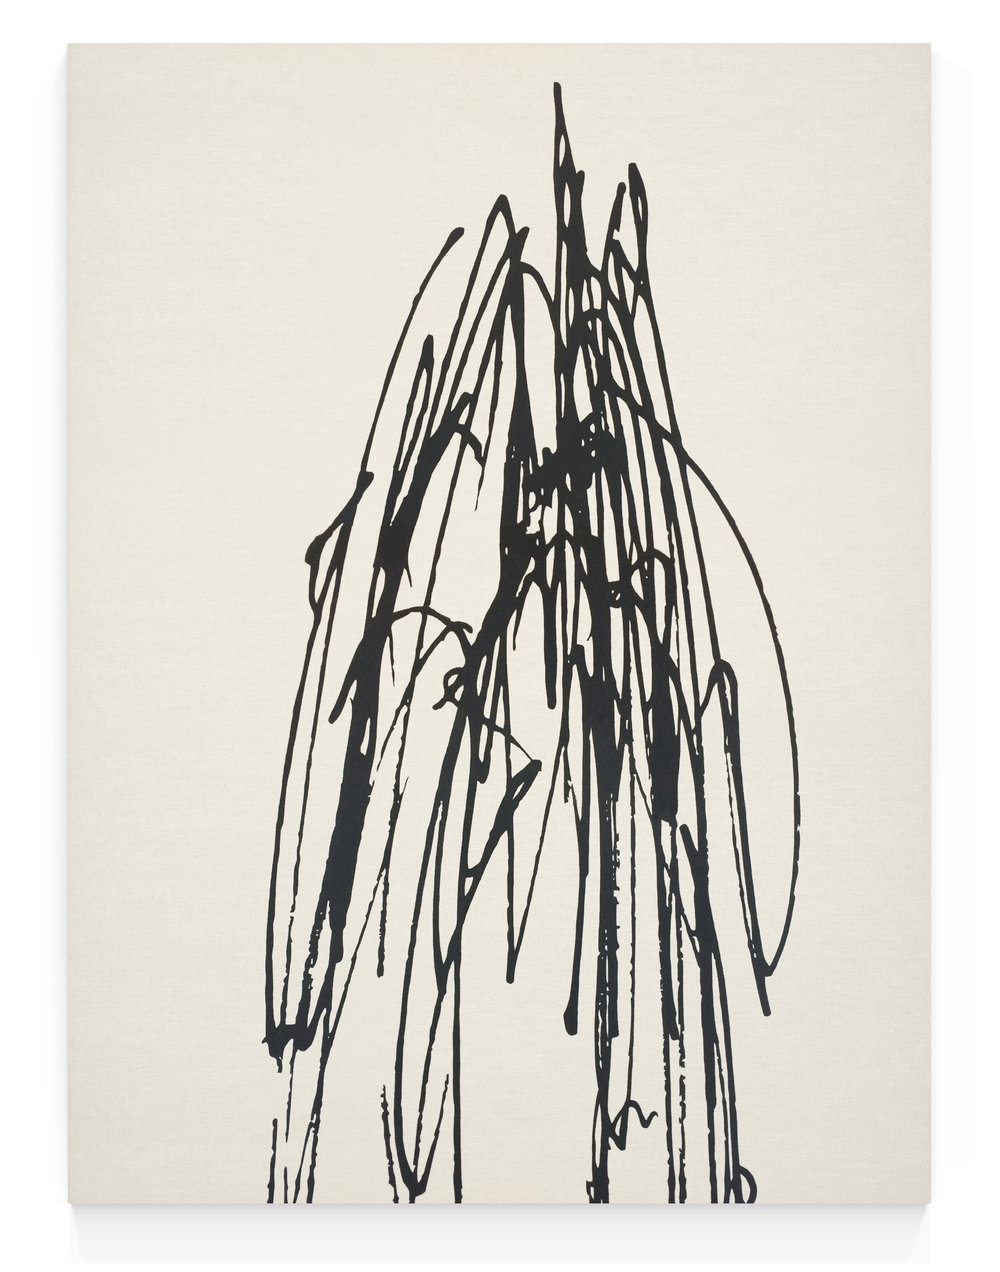 Retrato de una Línea — Diego Berjon